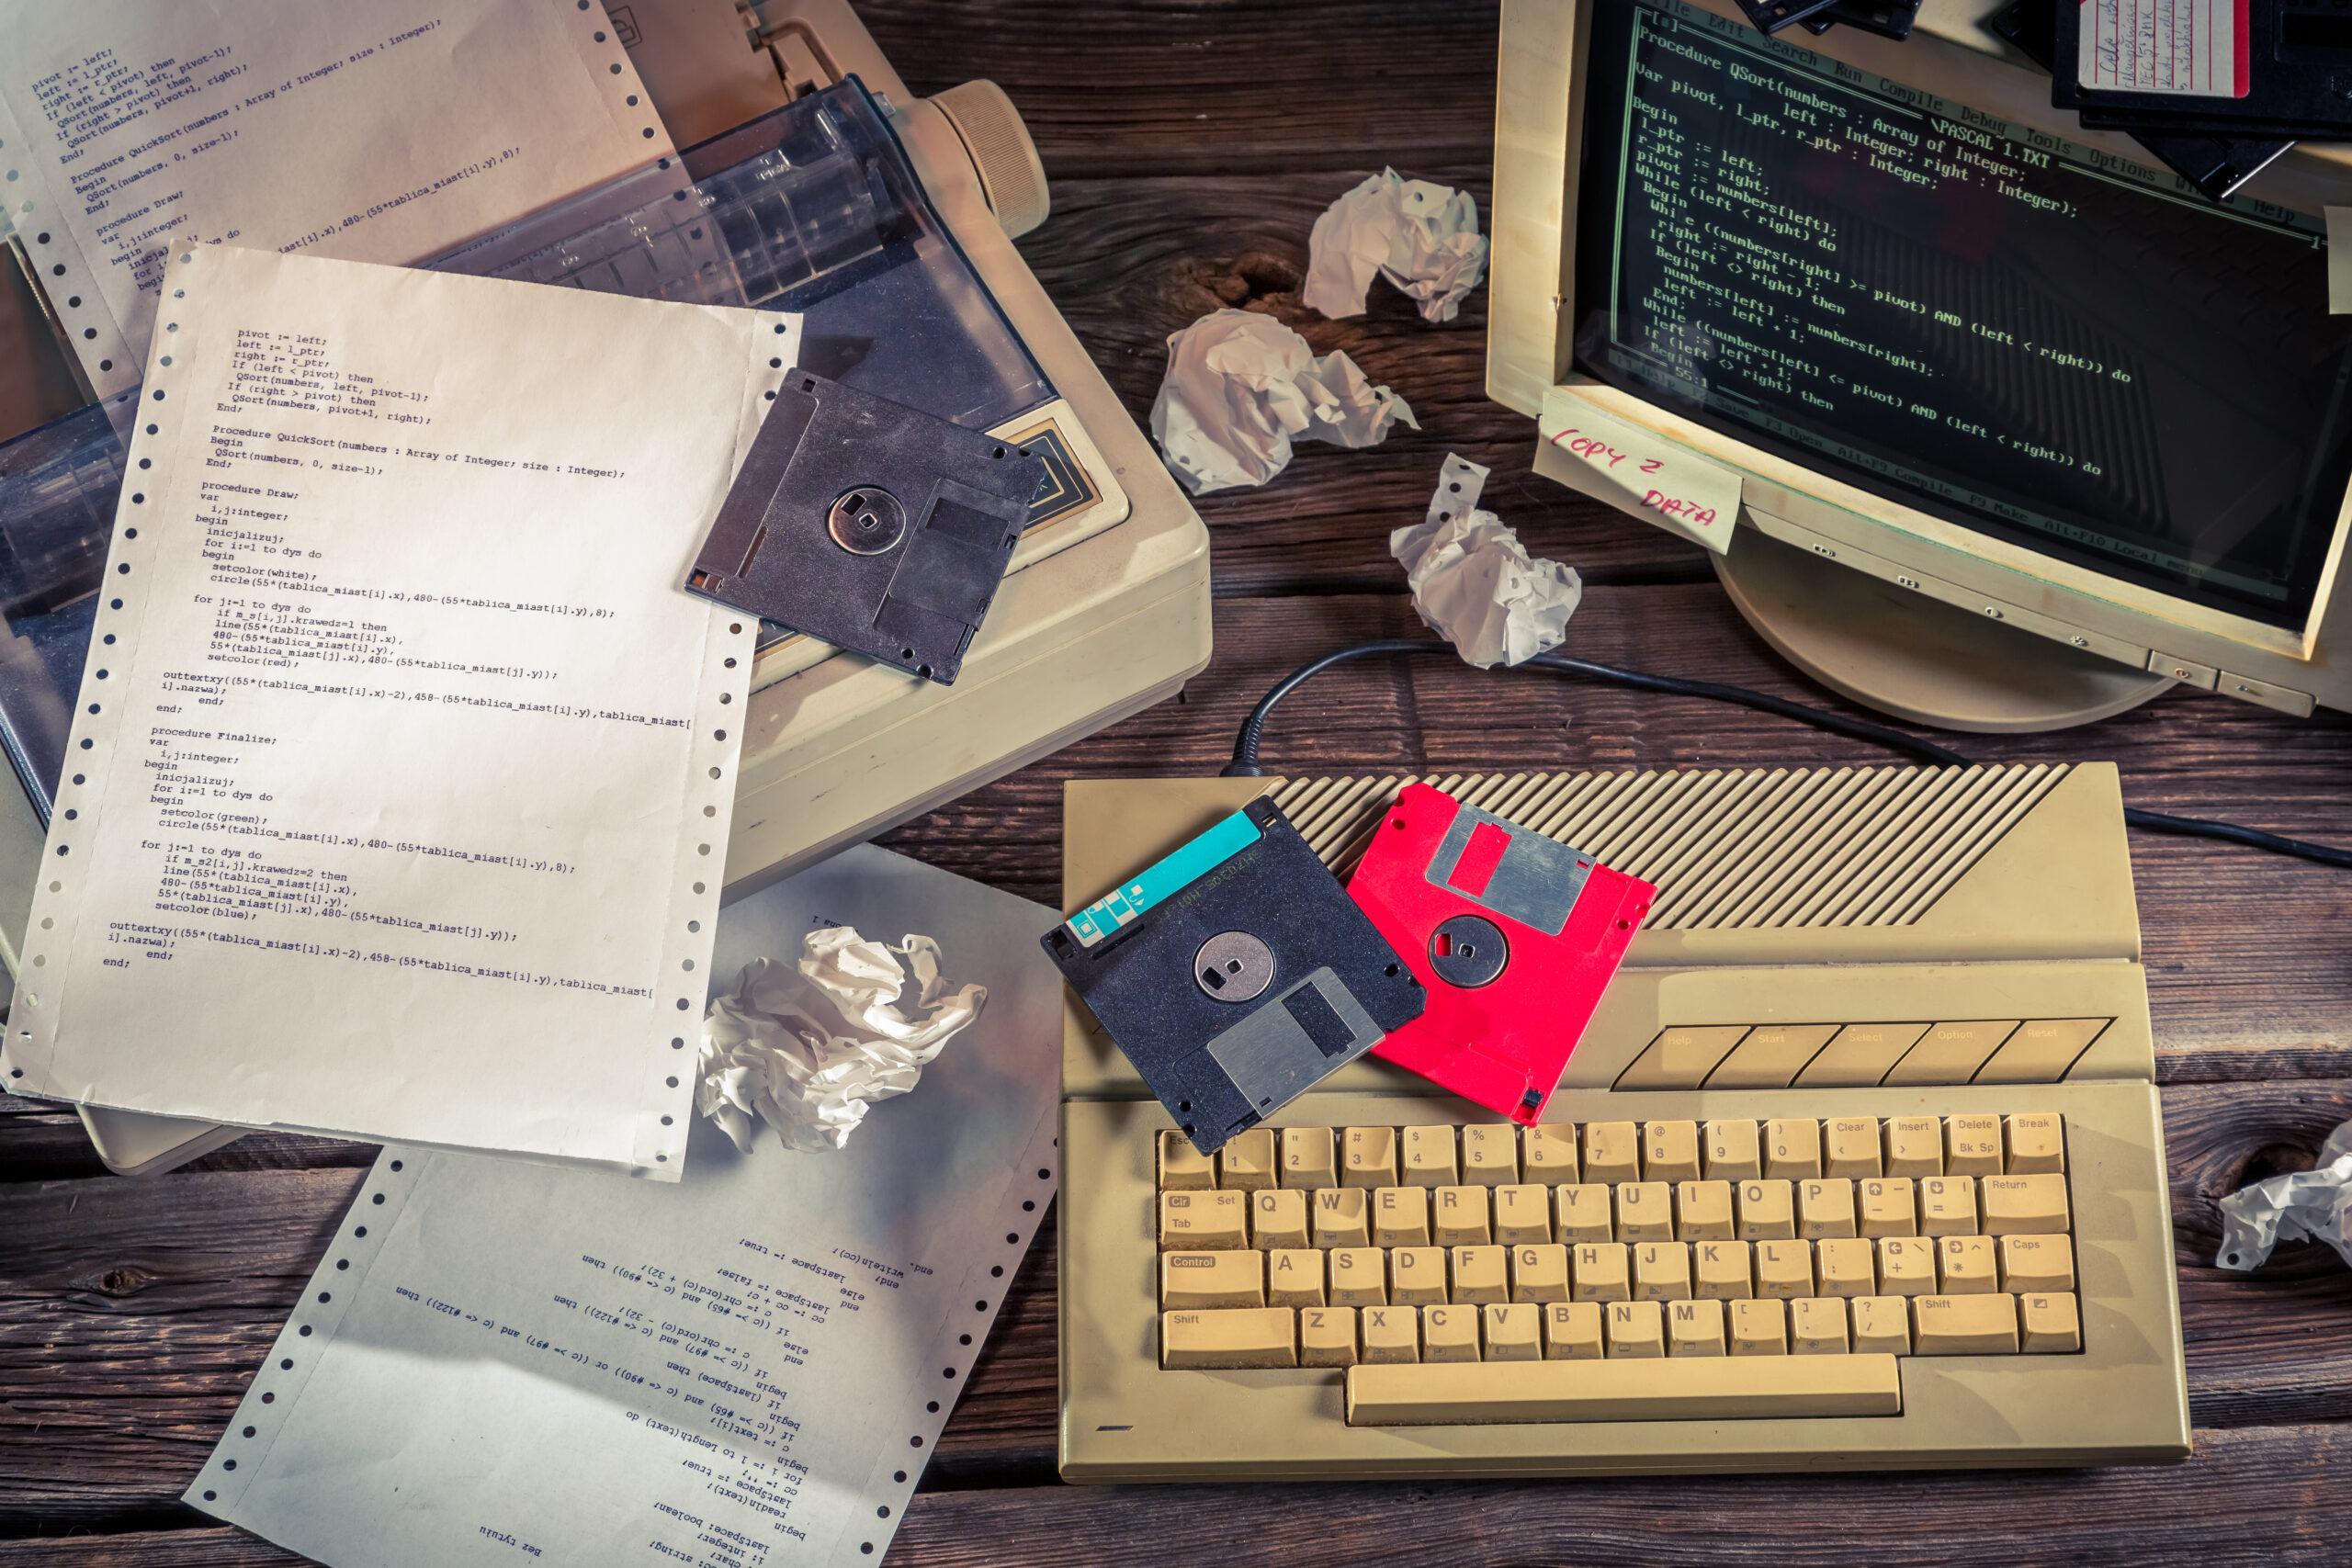 Vanha työpöytä, jossa vanha tietokone, sekä romppuja